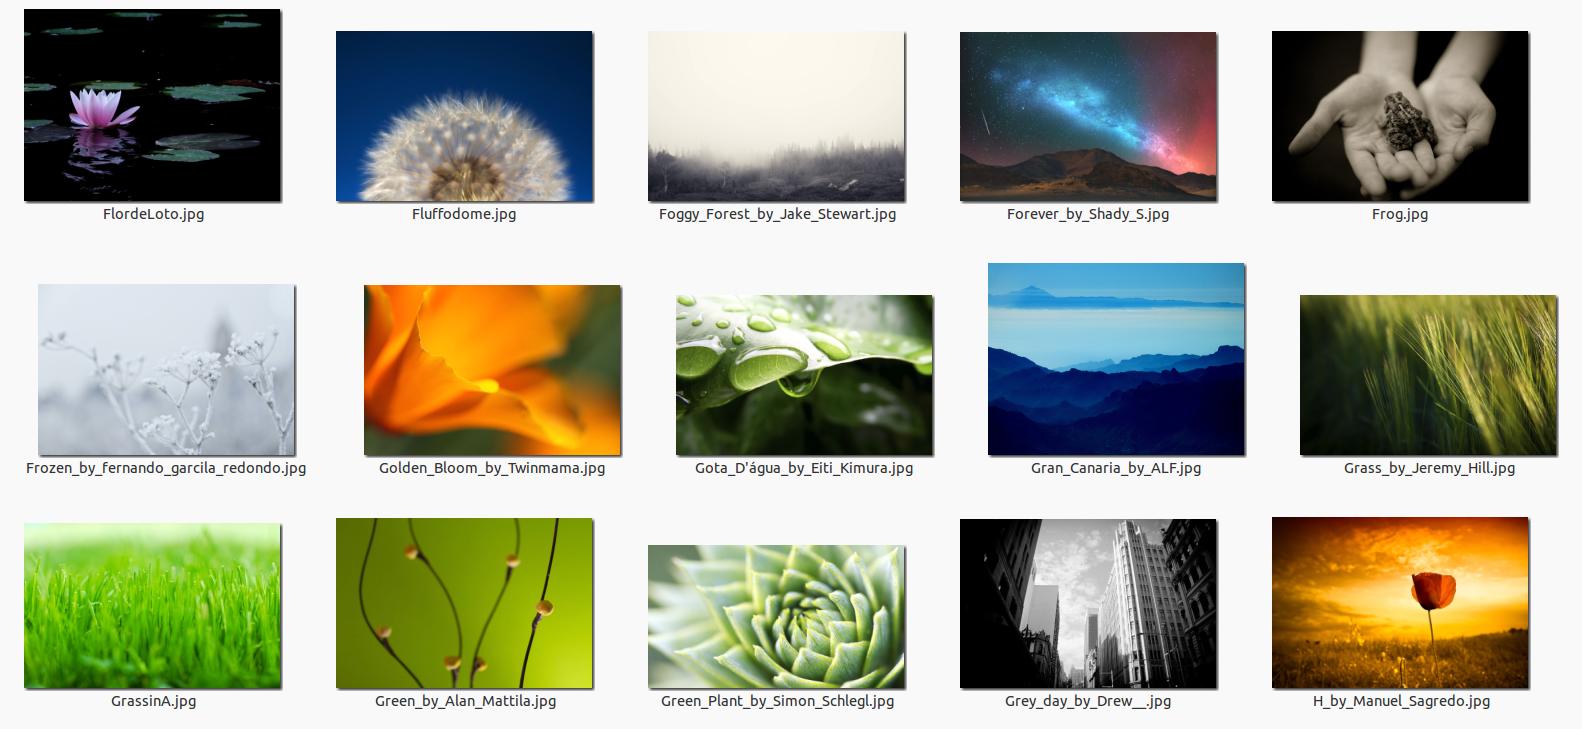 Ubuntu desktop wallpaper download